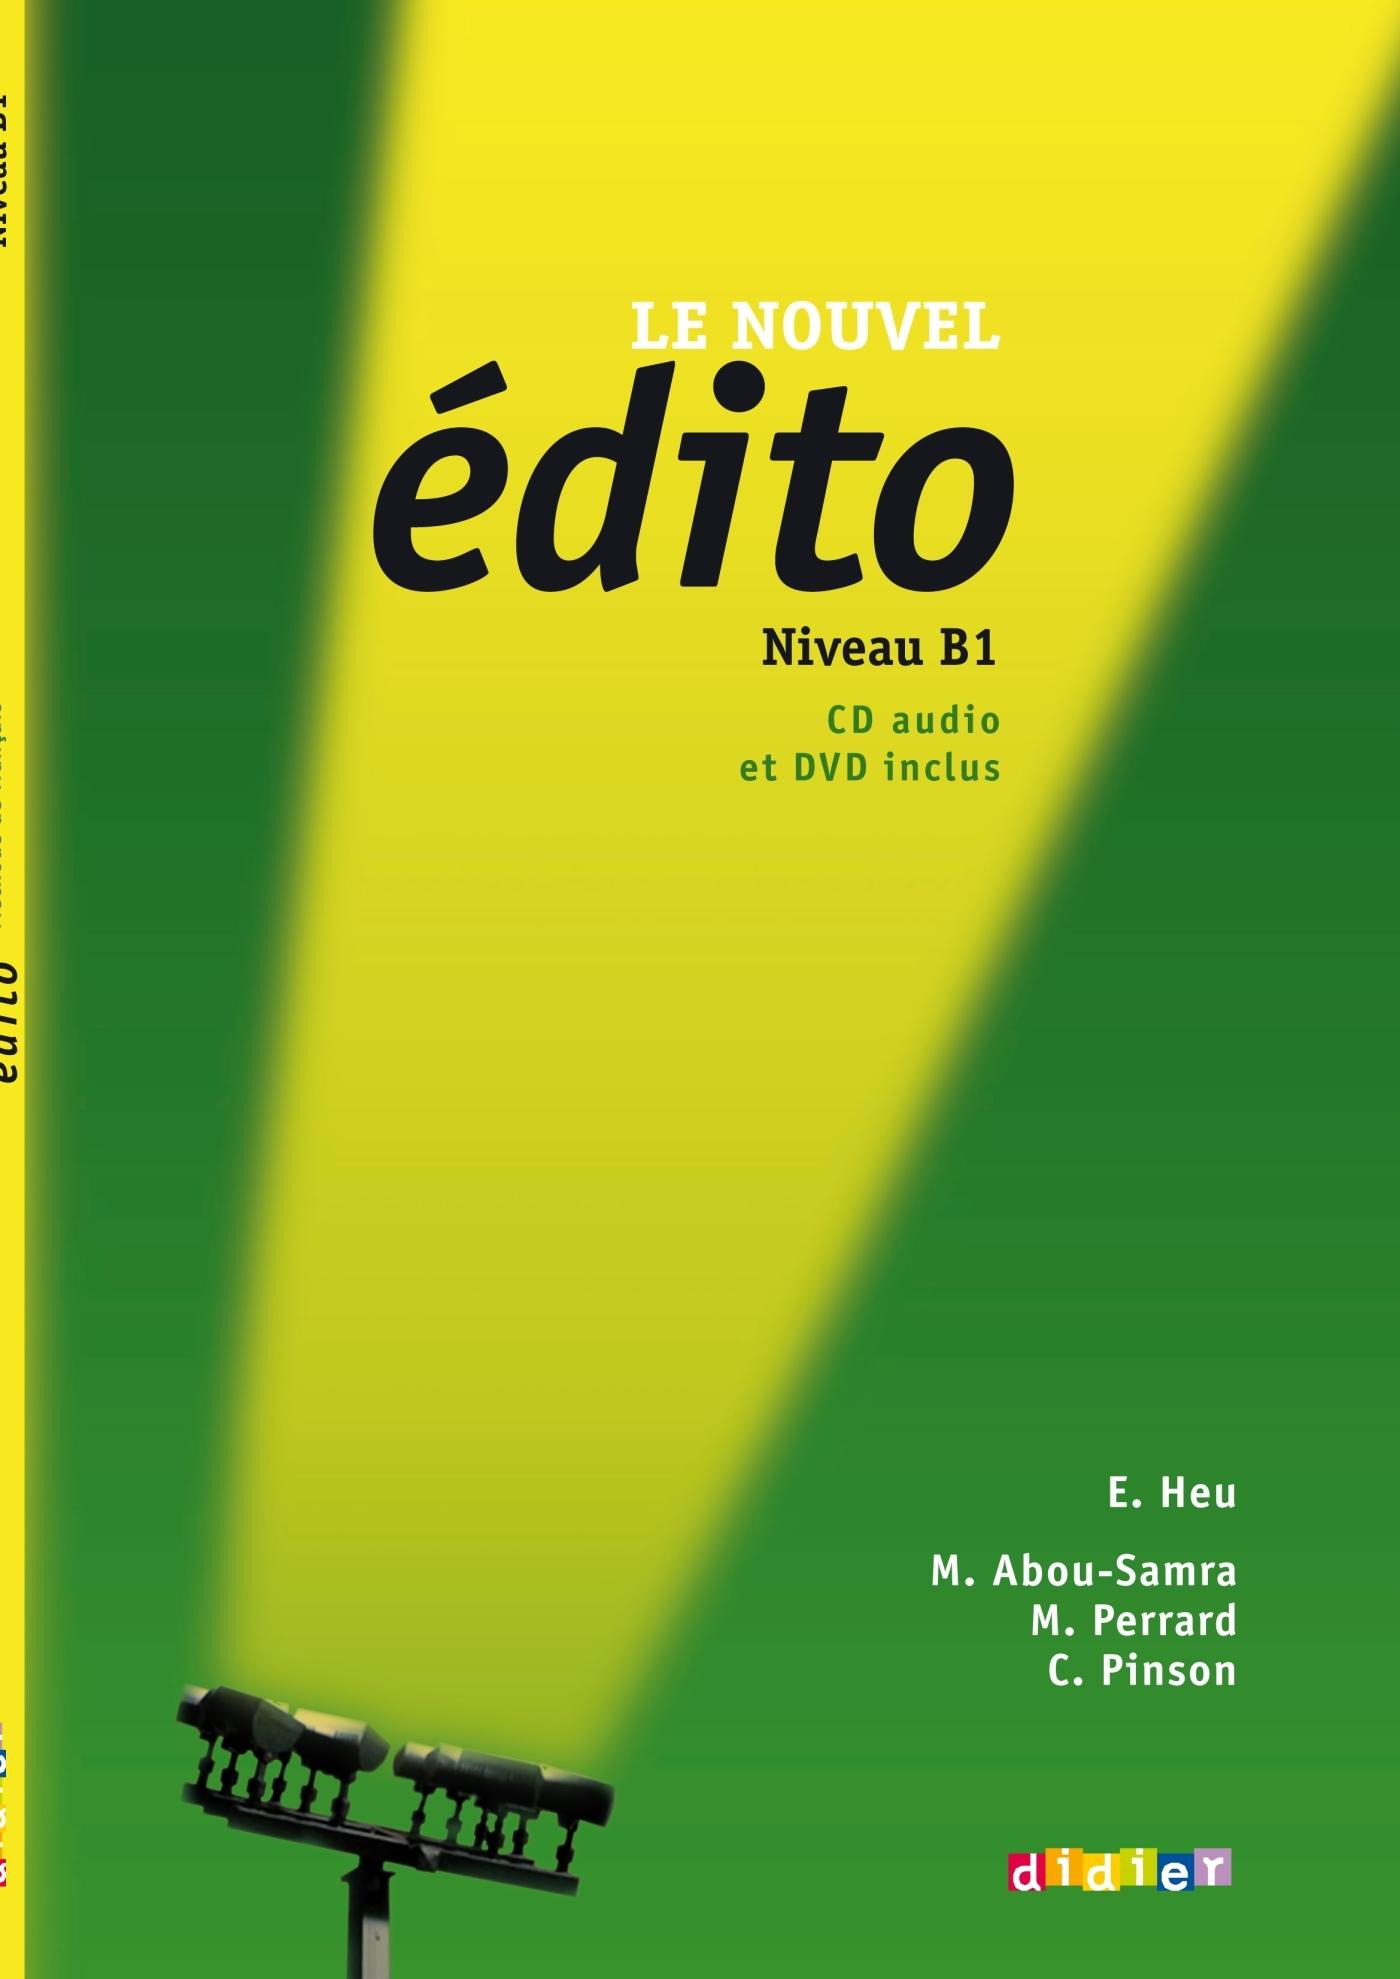 LE NOUVEL EDITO B1 - LIVRE + CD + DVD